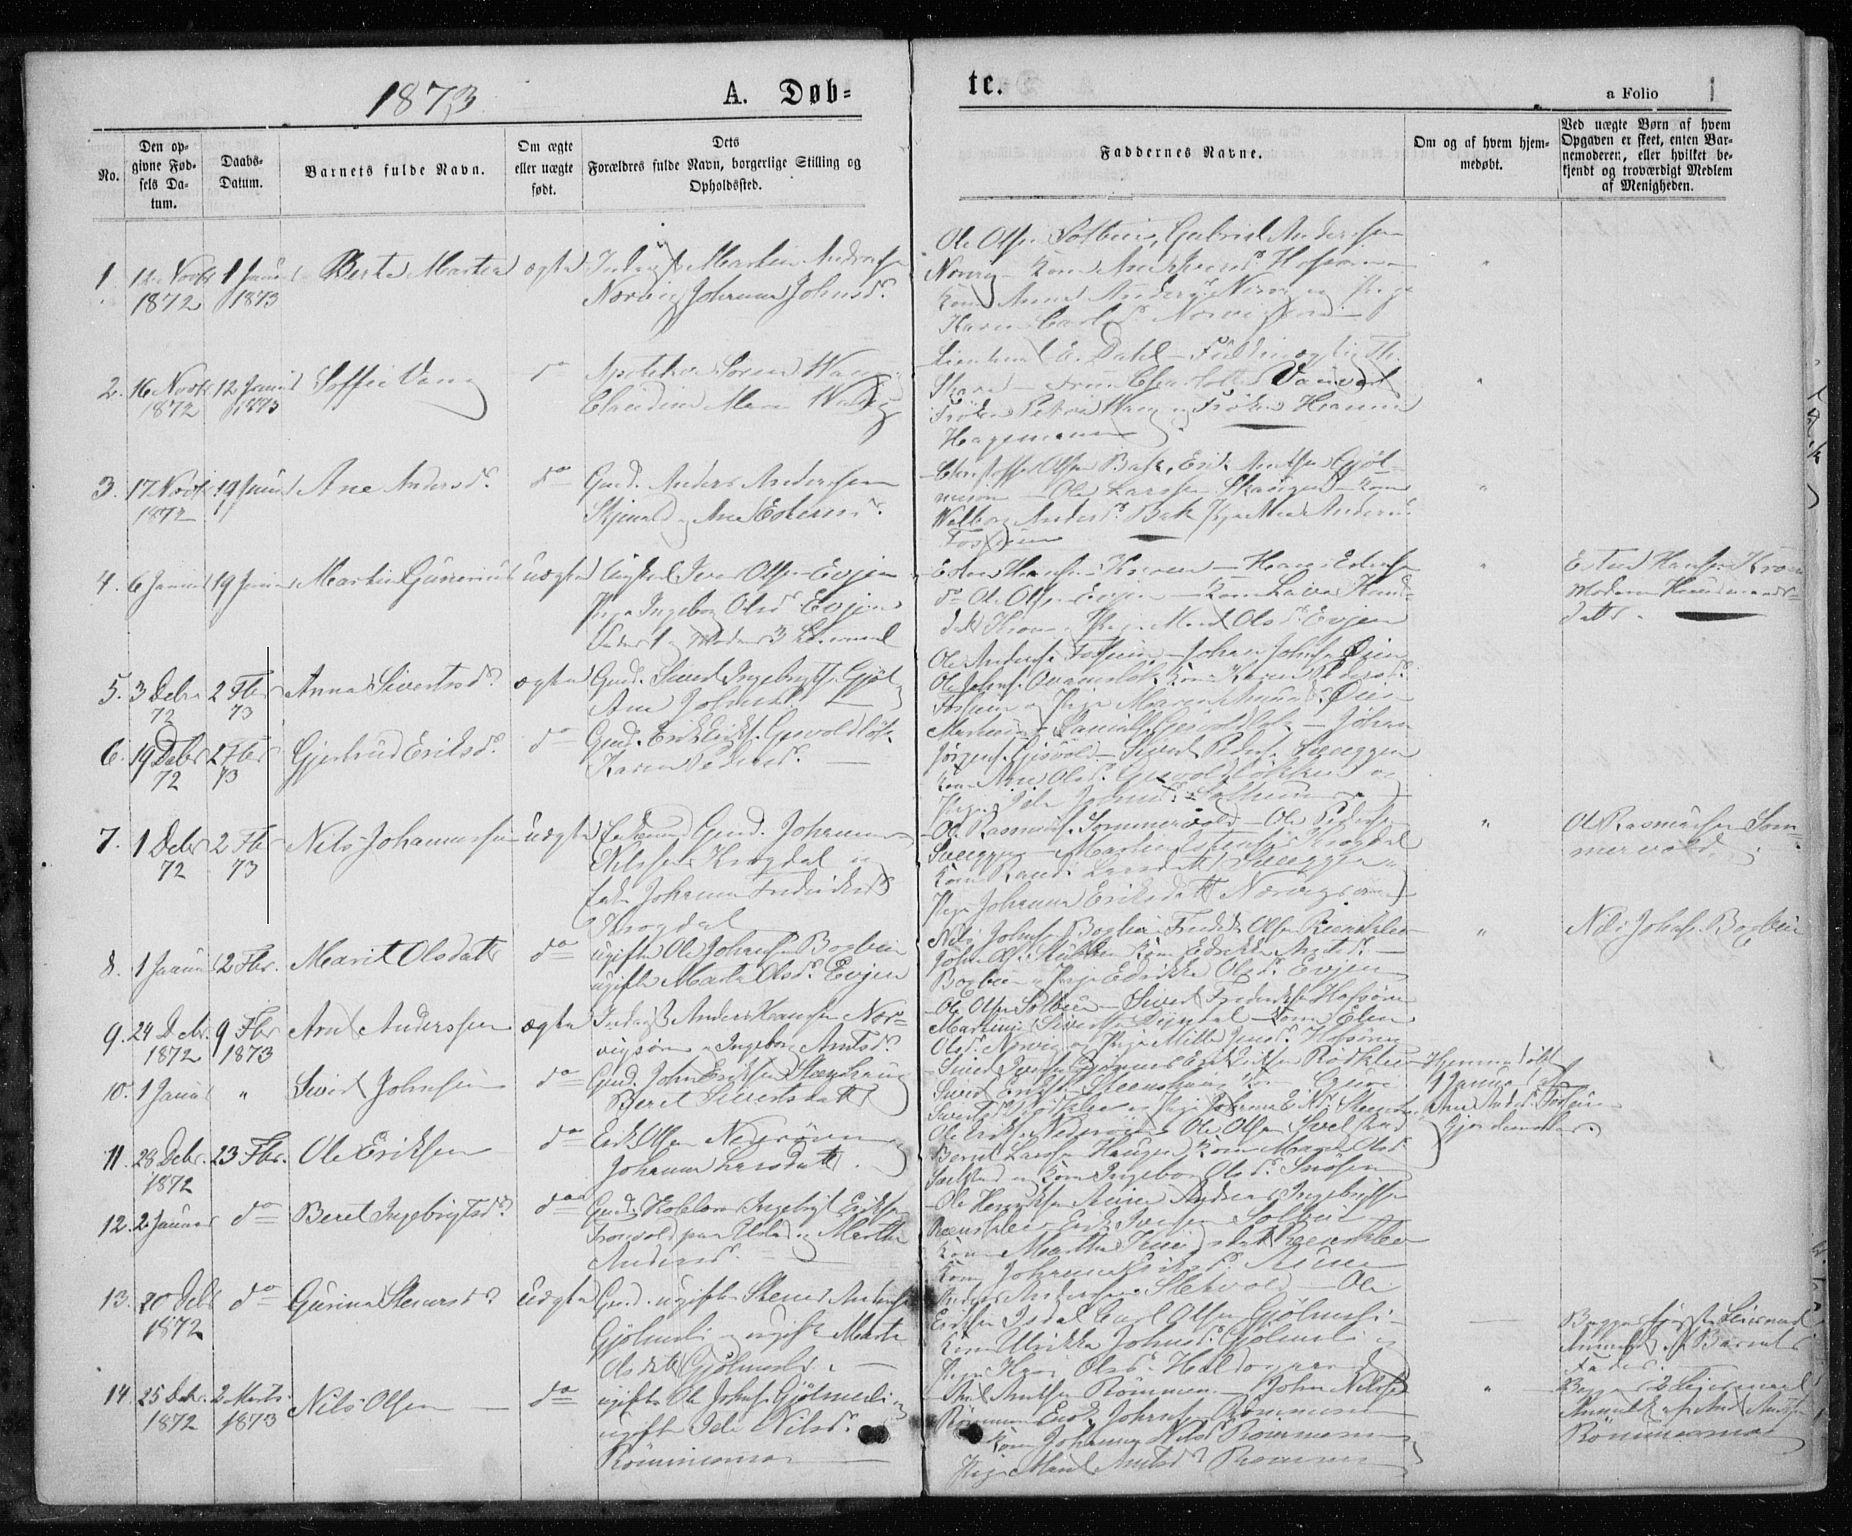 SAT, Ministerialprotokoller, klokkerbøker og fødselsregistre - Sør-Trøndelag, 668/L0817: Klokkerbok nr. 668C06, 1873-1884, s. 1